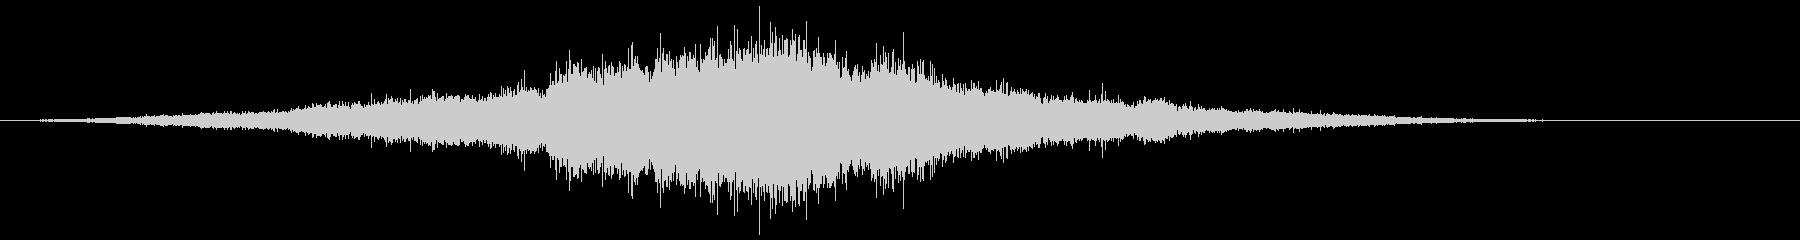 音楽:不気味な教会のベルパターンフ...の未再生の波形